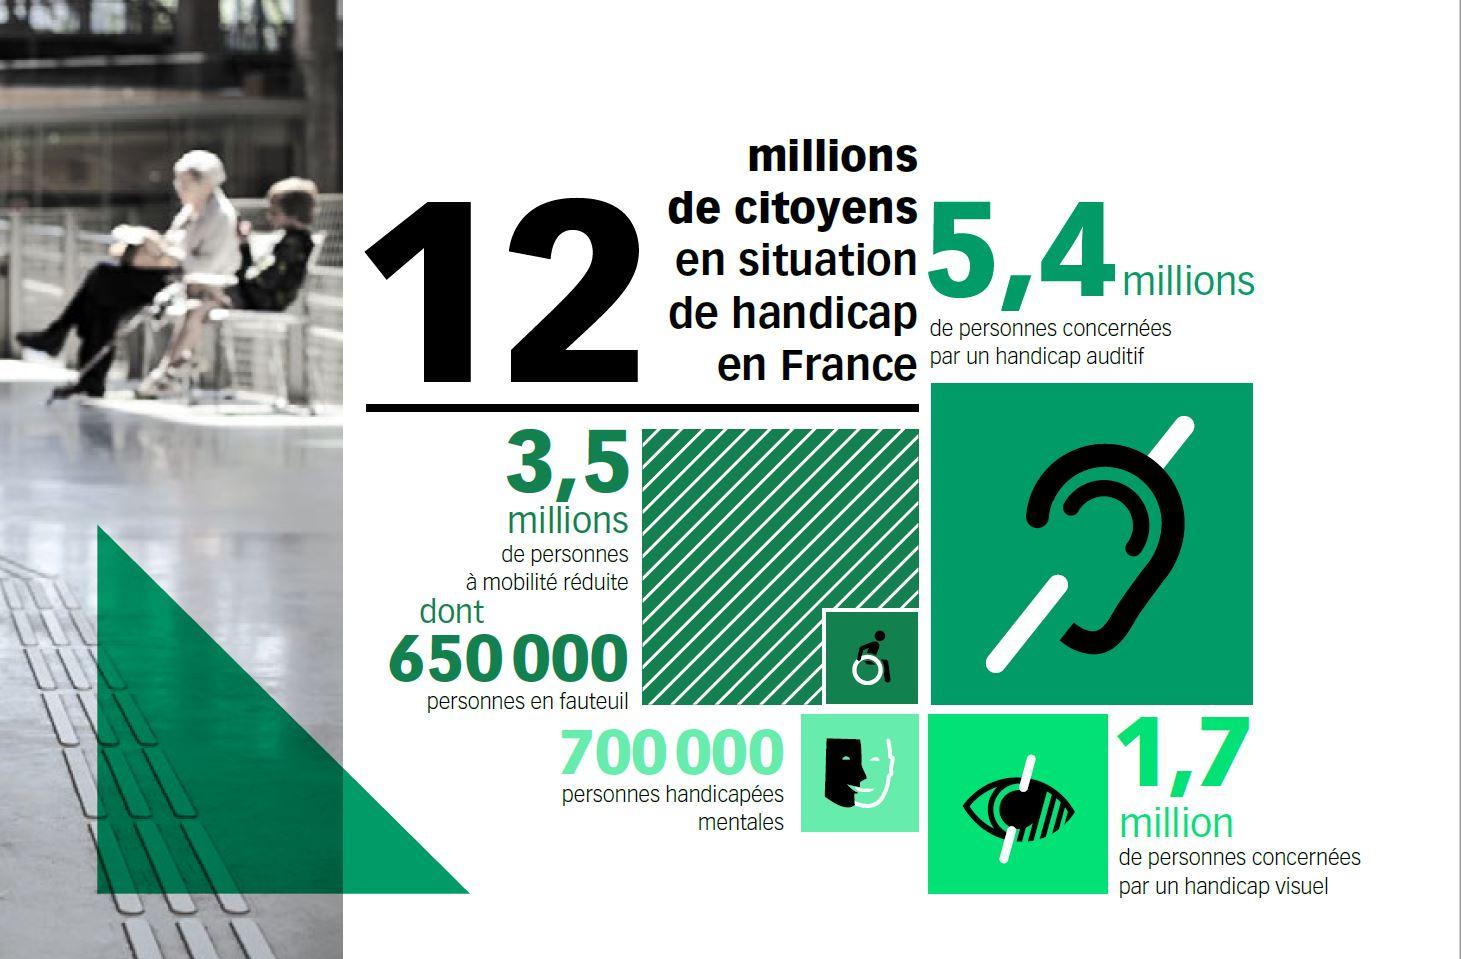 les chiffres du handicap en France et dans le monde